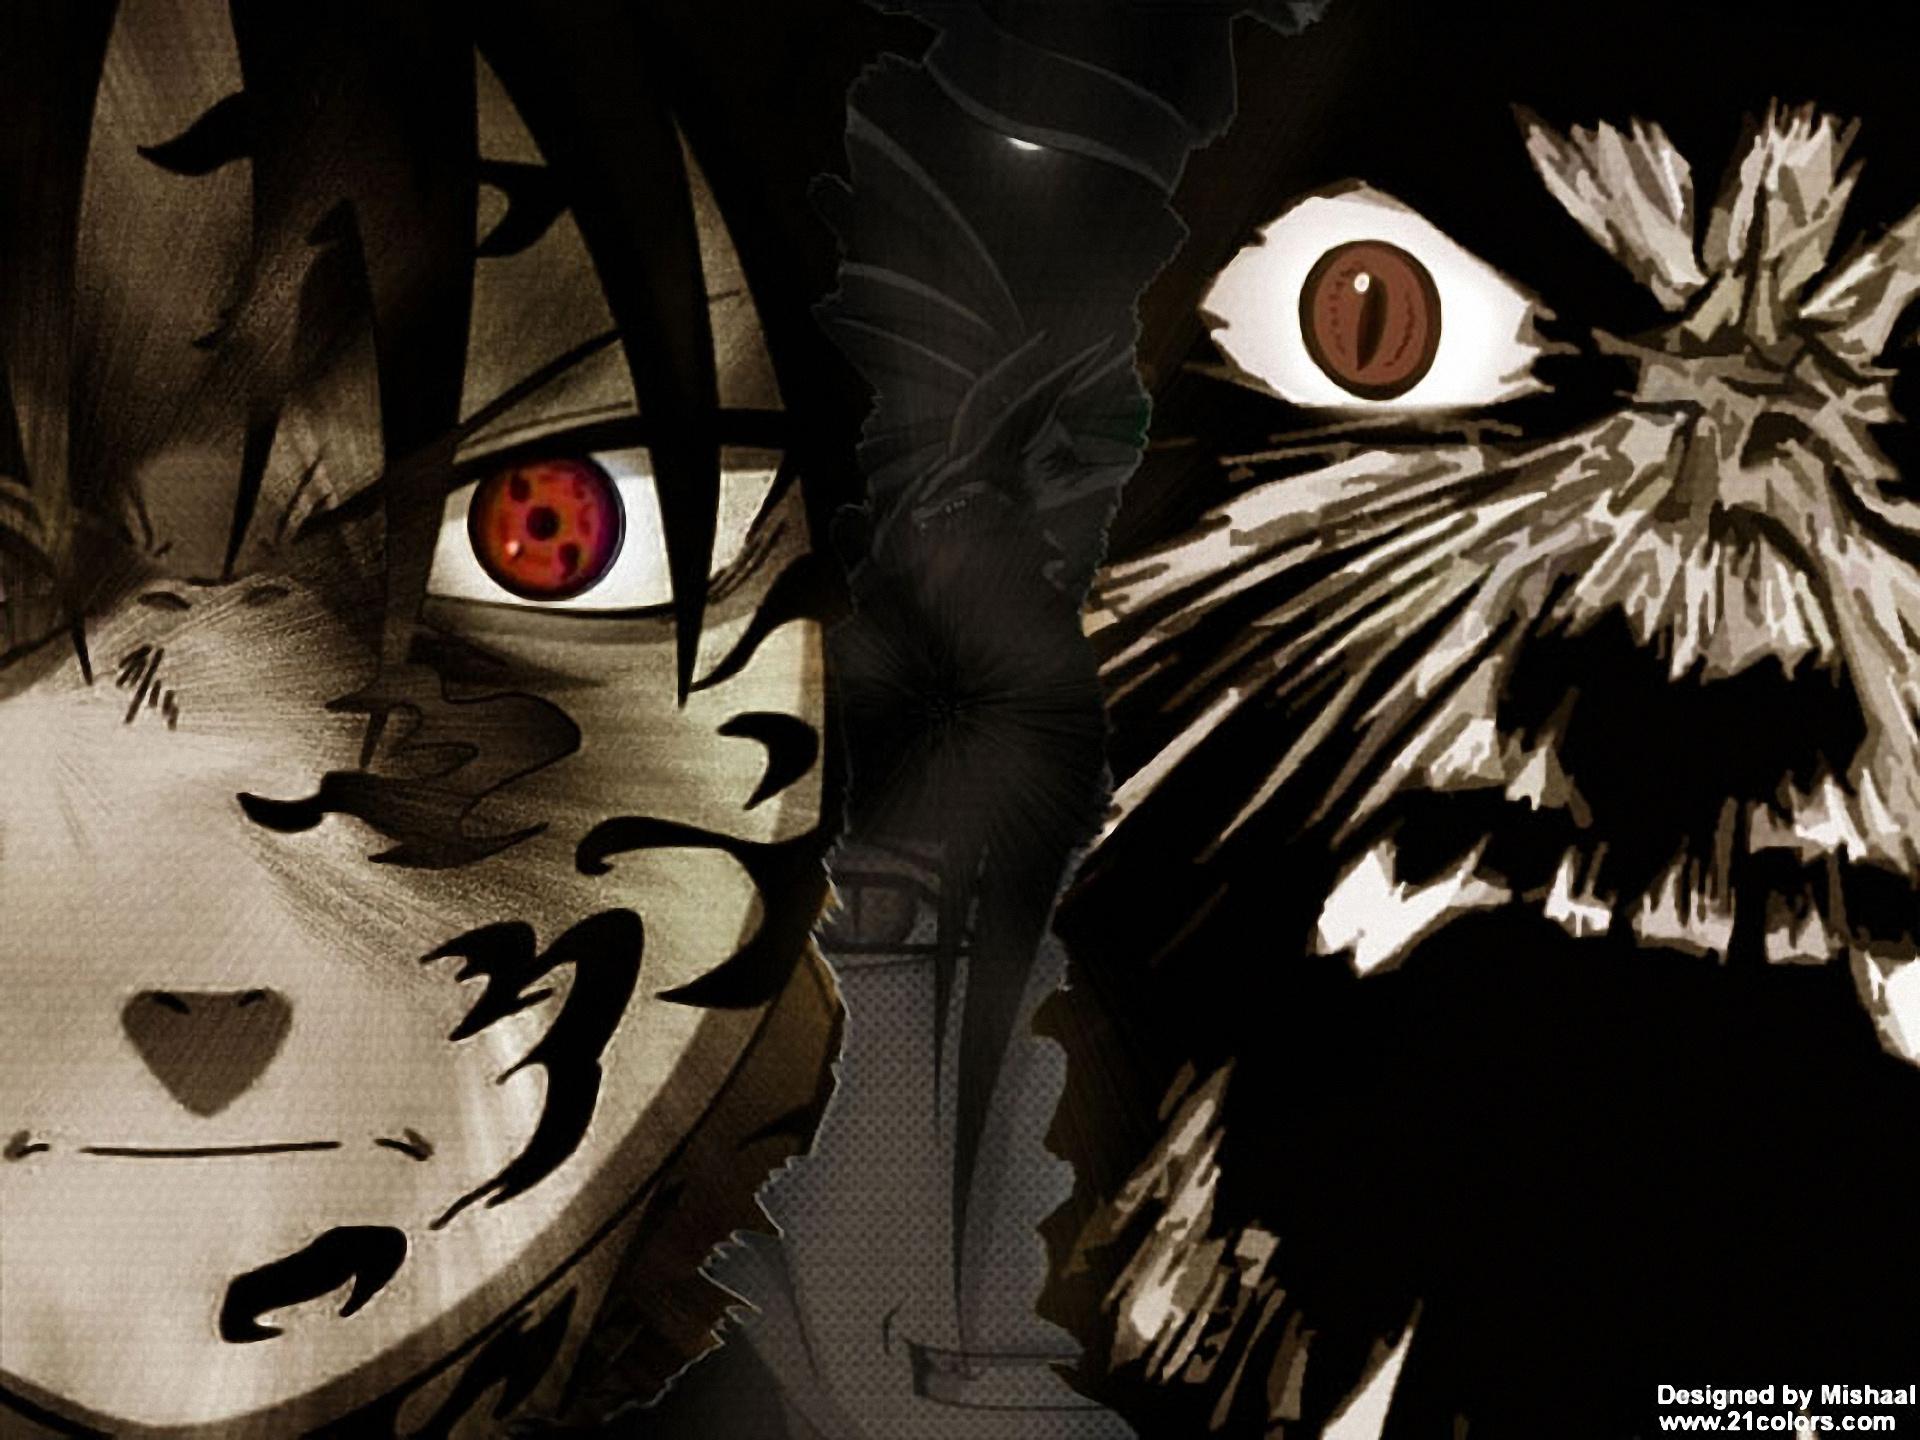 tải ảnh sasuke uchiha